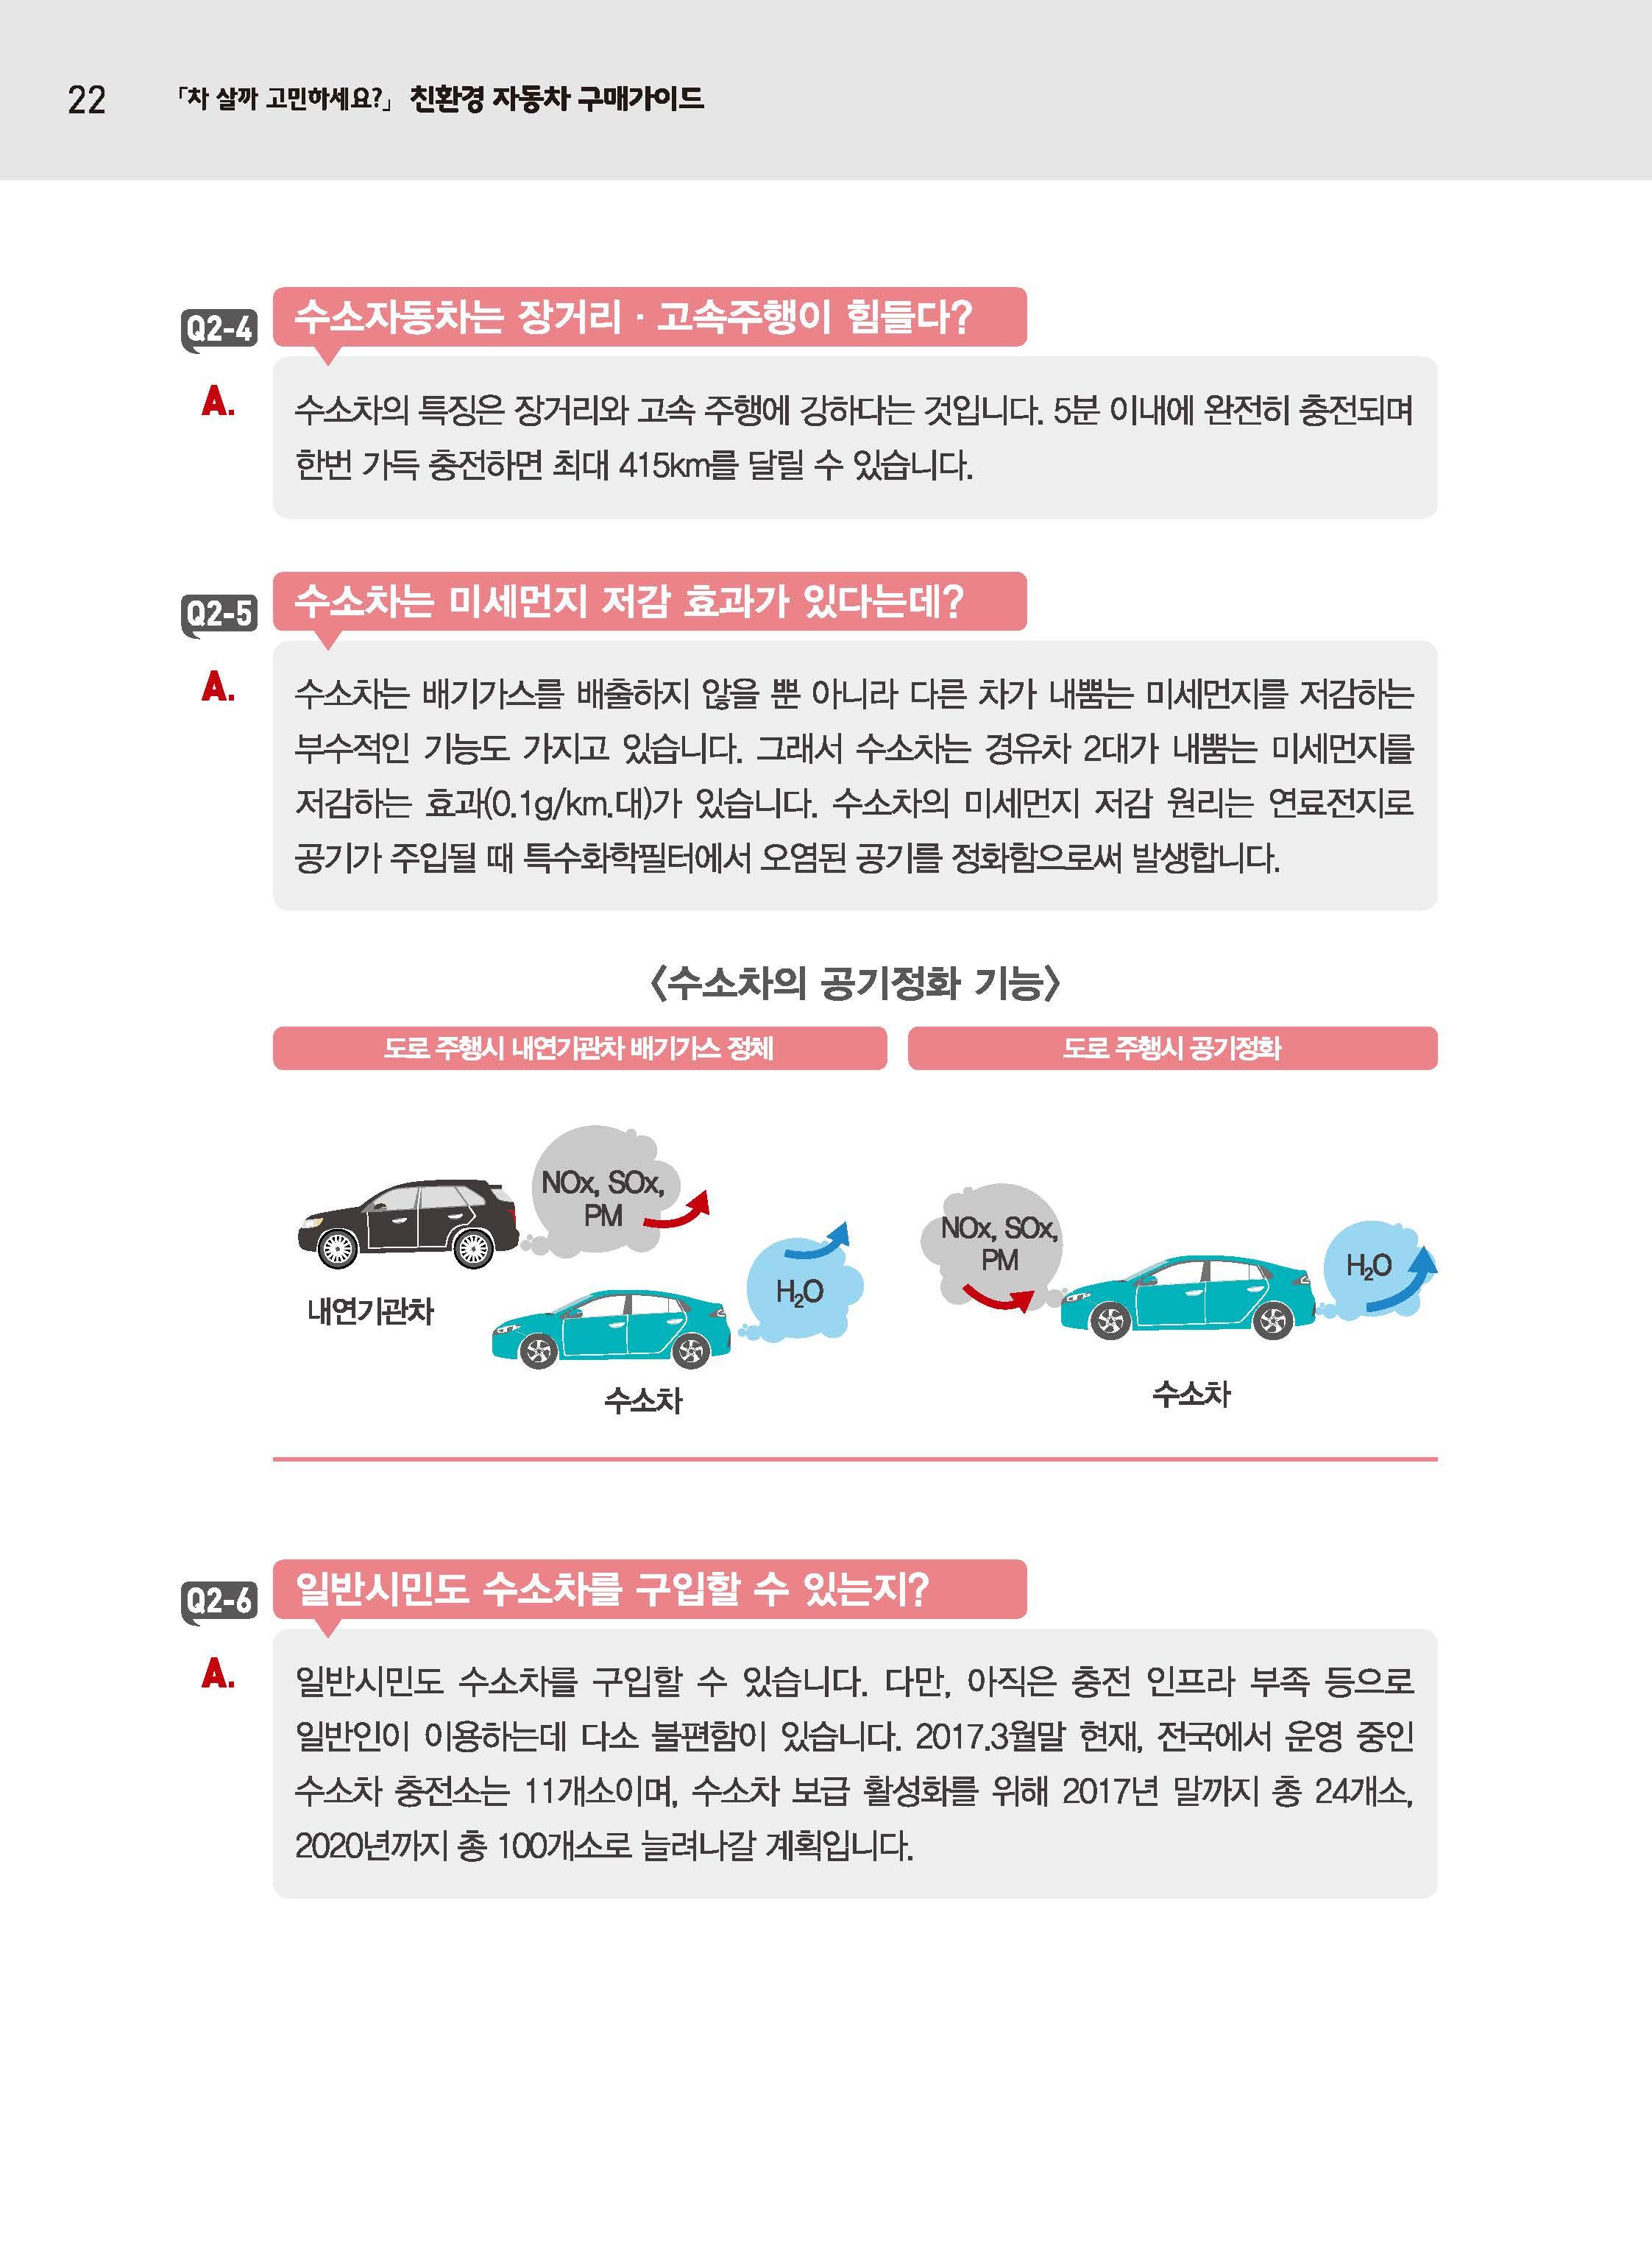 친환경자동차 구매가이드(Ver20170821)_페이지_22.jpg